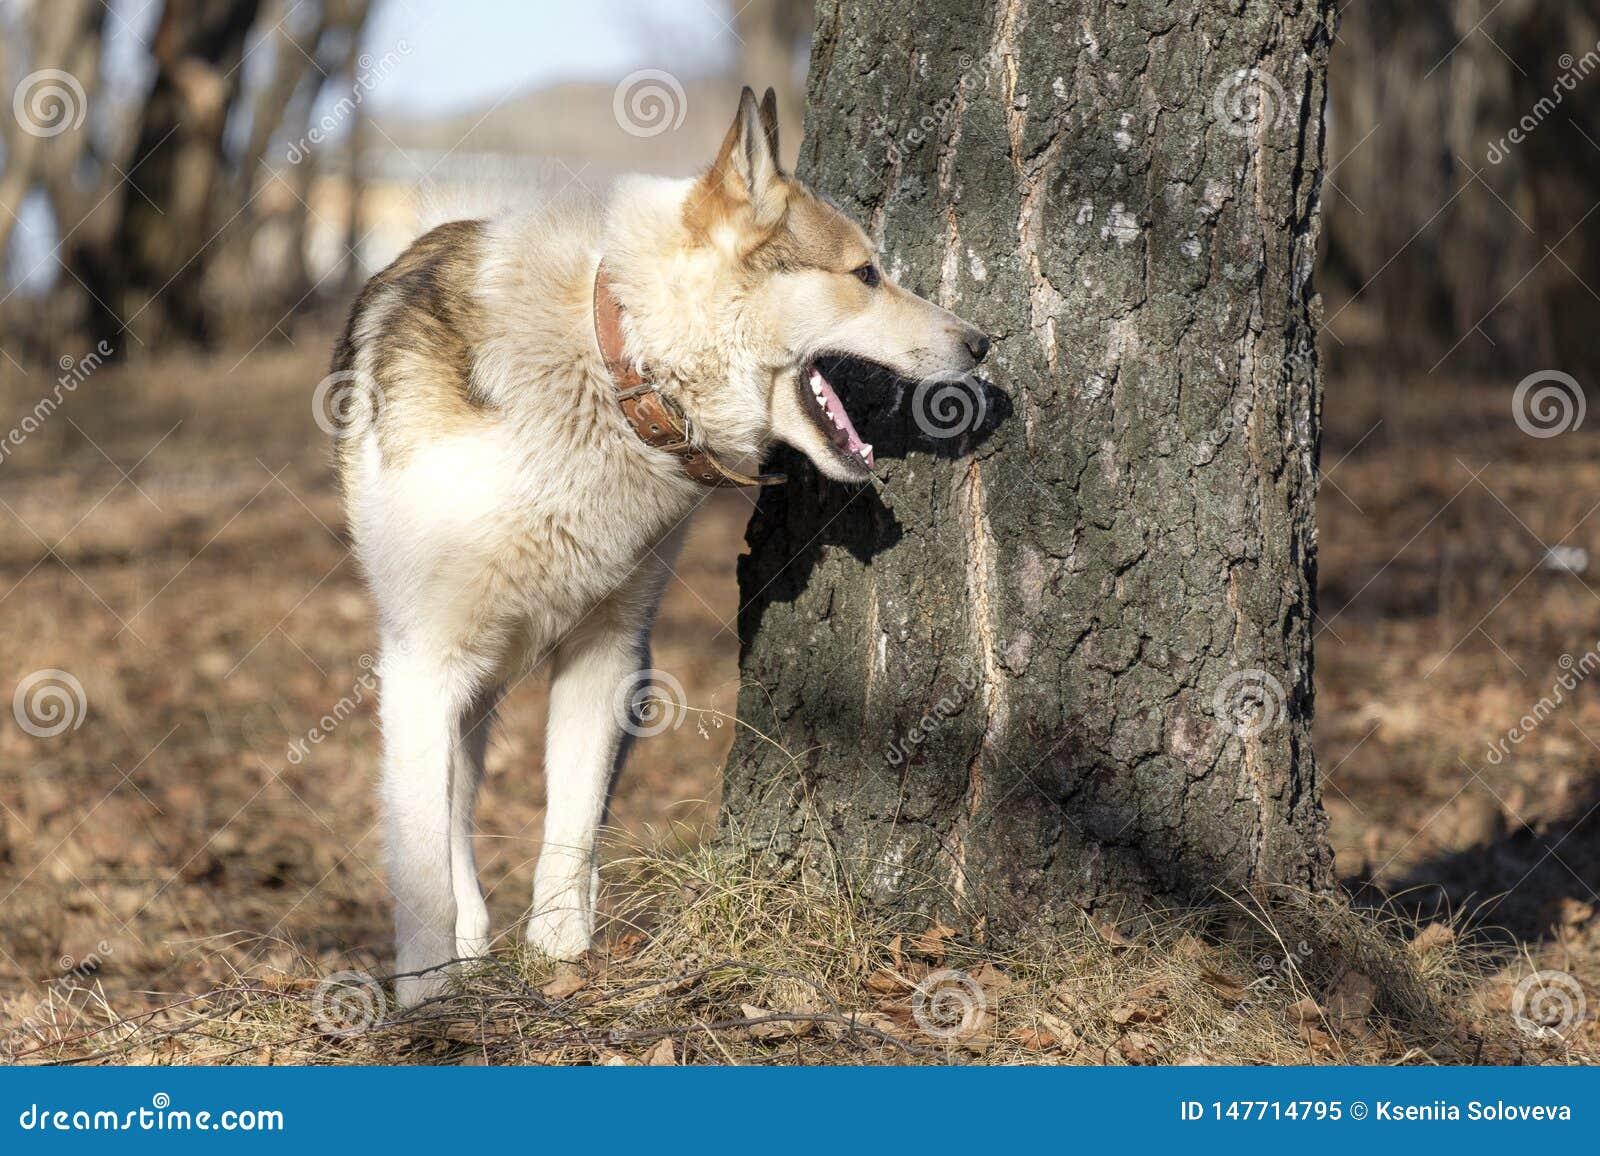 Letten op van Laika van het oosten het Siberische in hout - perfecte veelzijdige jachthond E